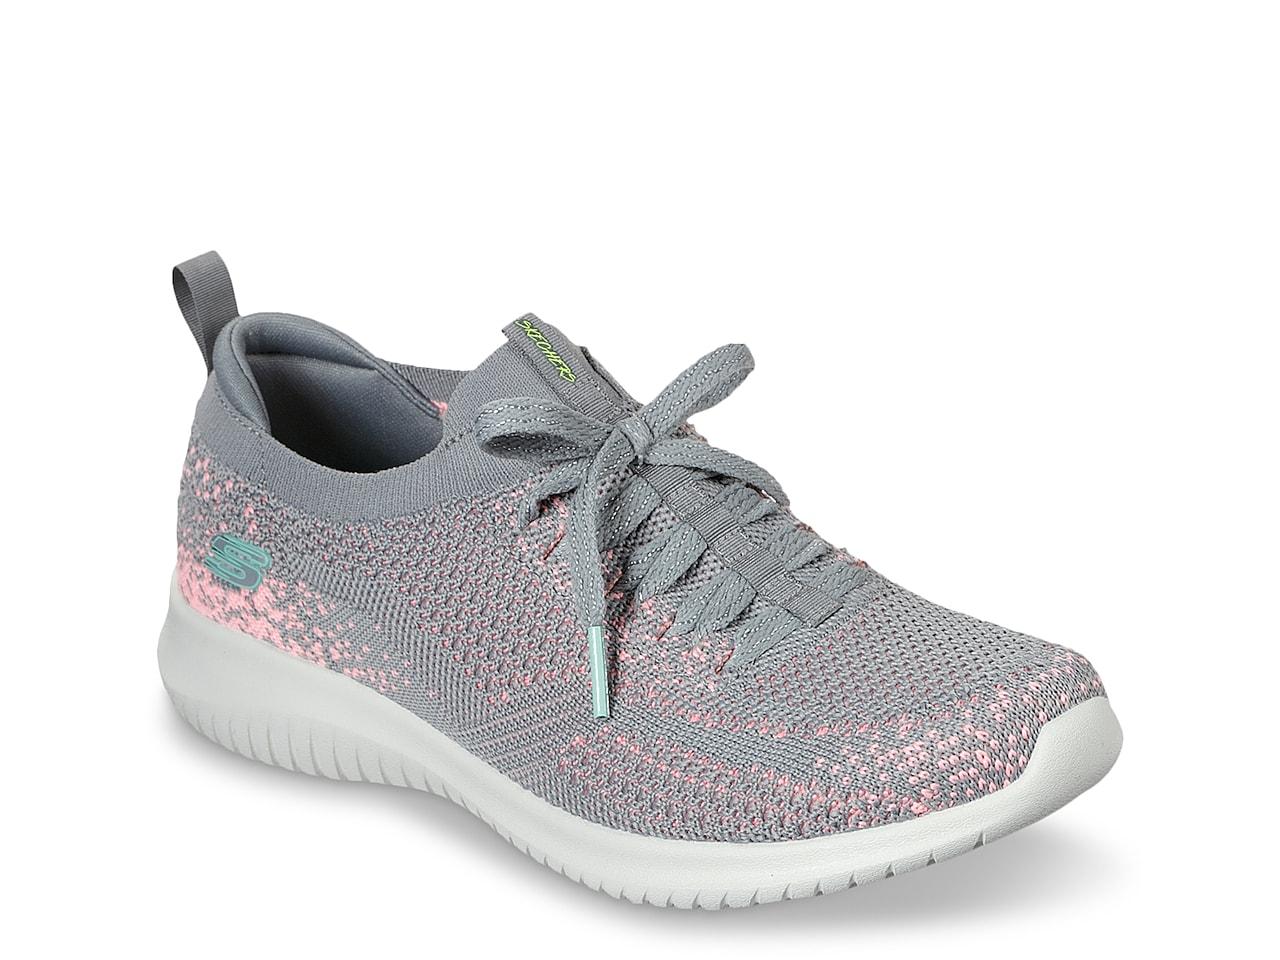 Skechers Ultra Flex Twilight Twinkle Sneaker - Women's